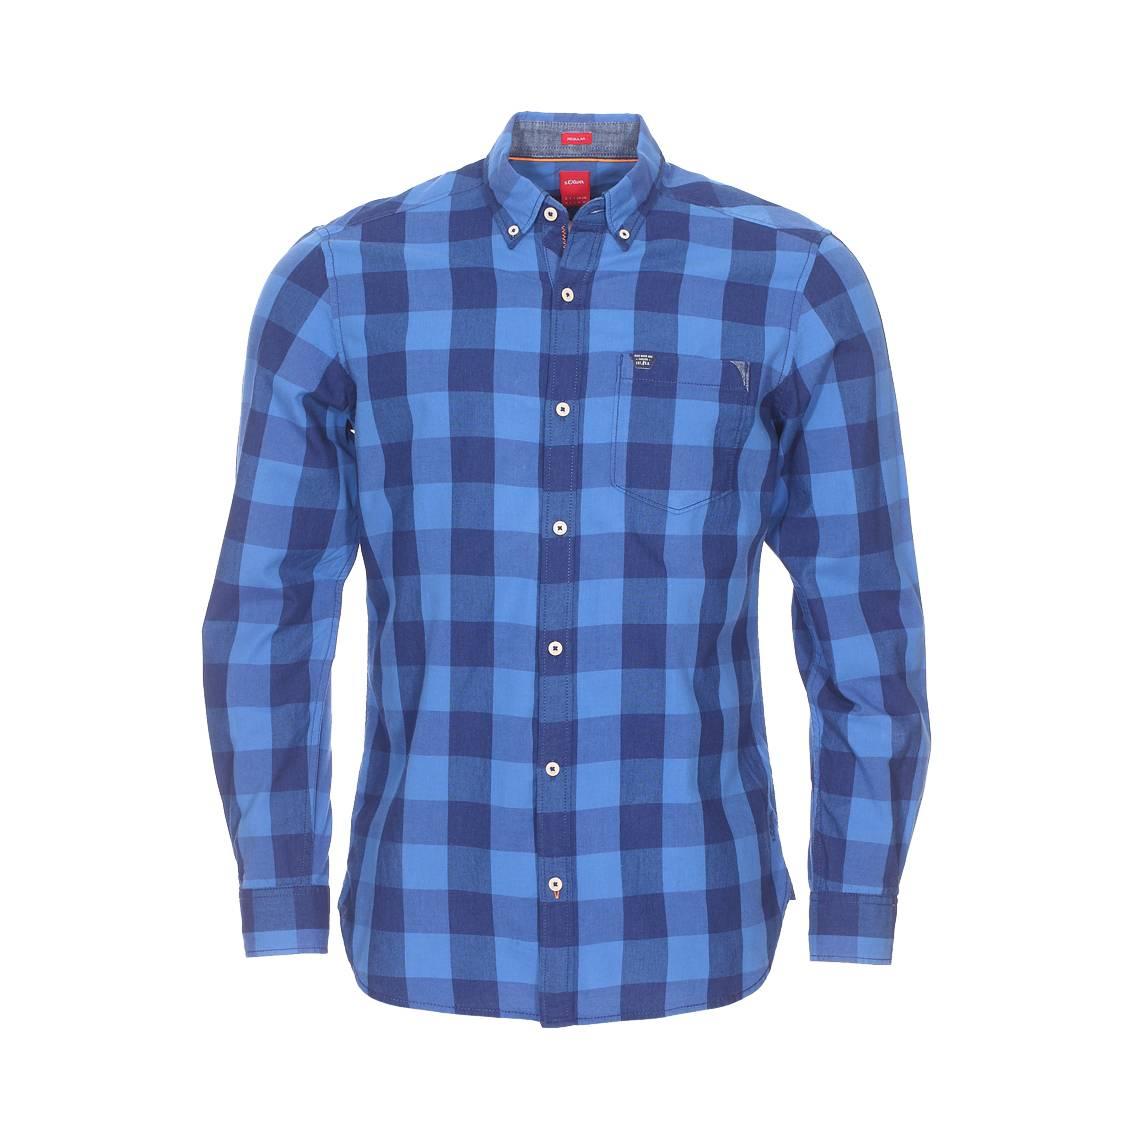 Chemise droite  en coton à carreaux bleus